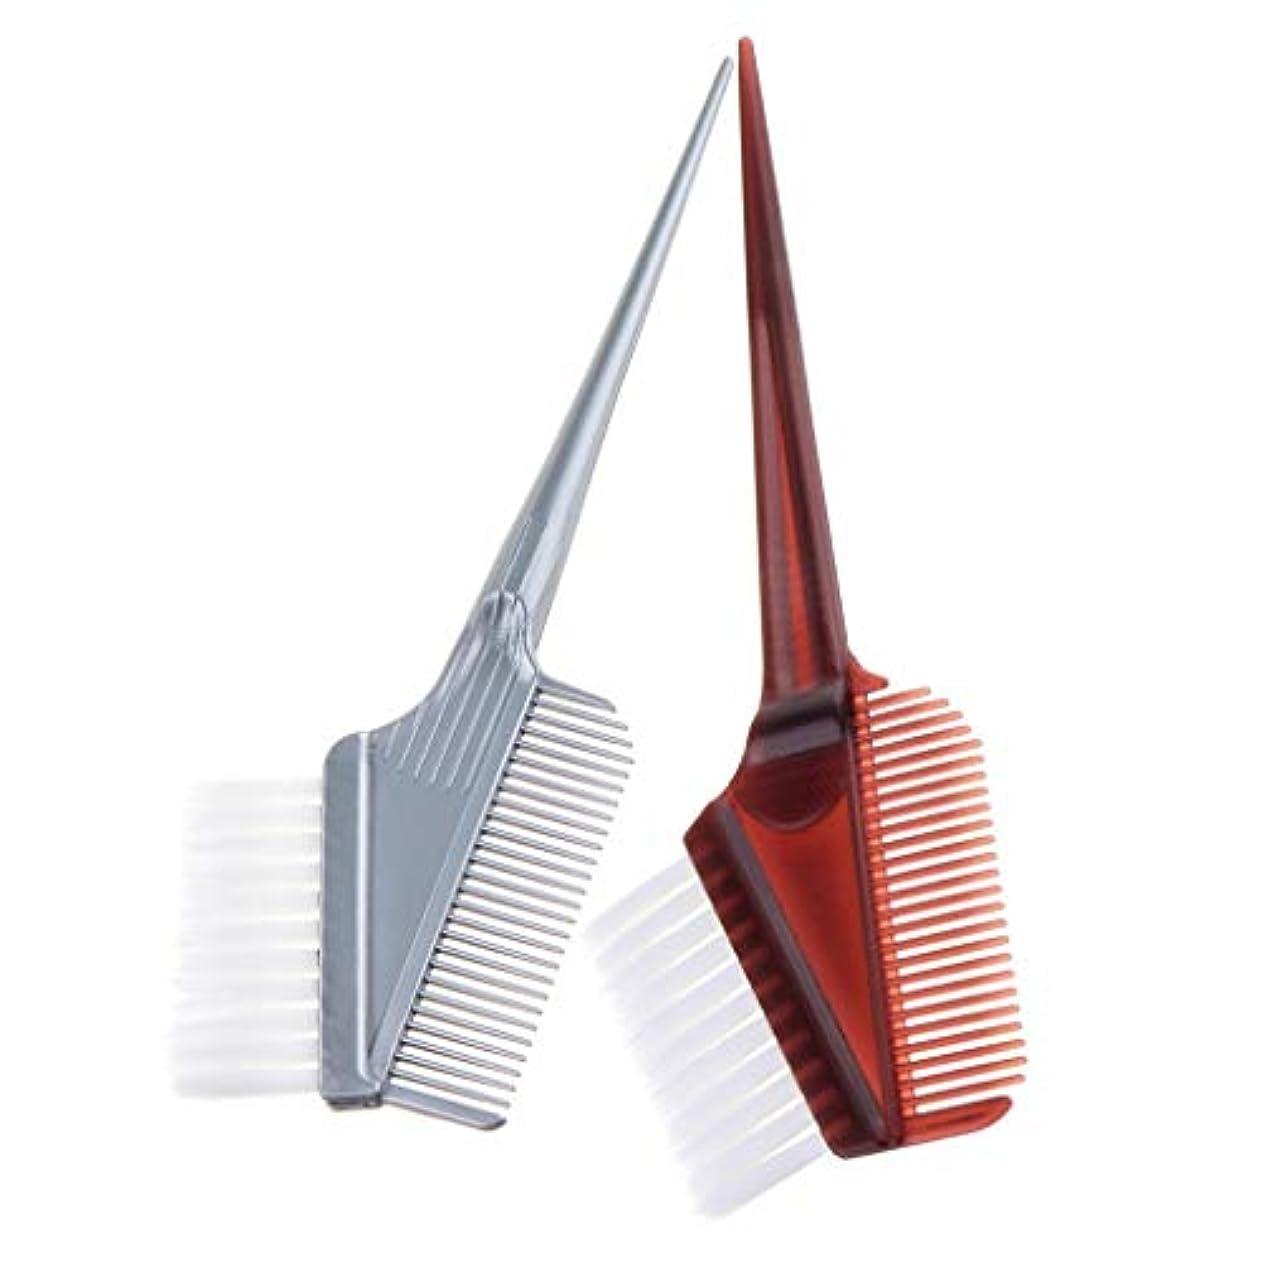 うまくやる()アラームクロールヘアダイ コーム 毛染め カラーリングブラシ 髪染めブラシ ヘアトリートメント ヘアカラー